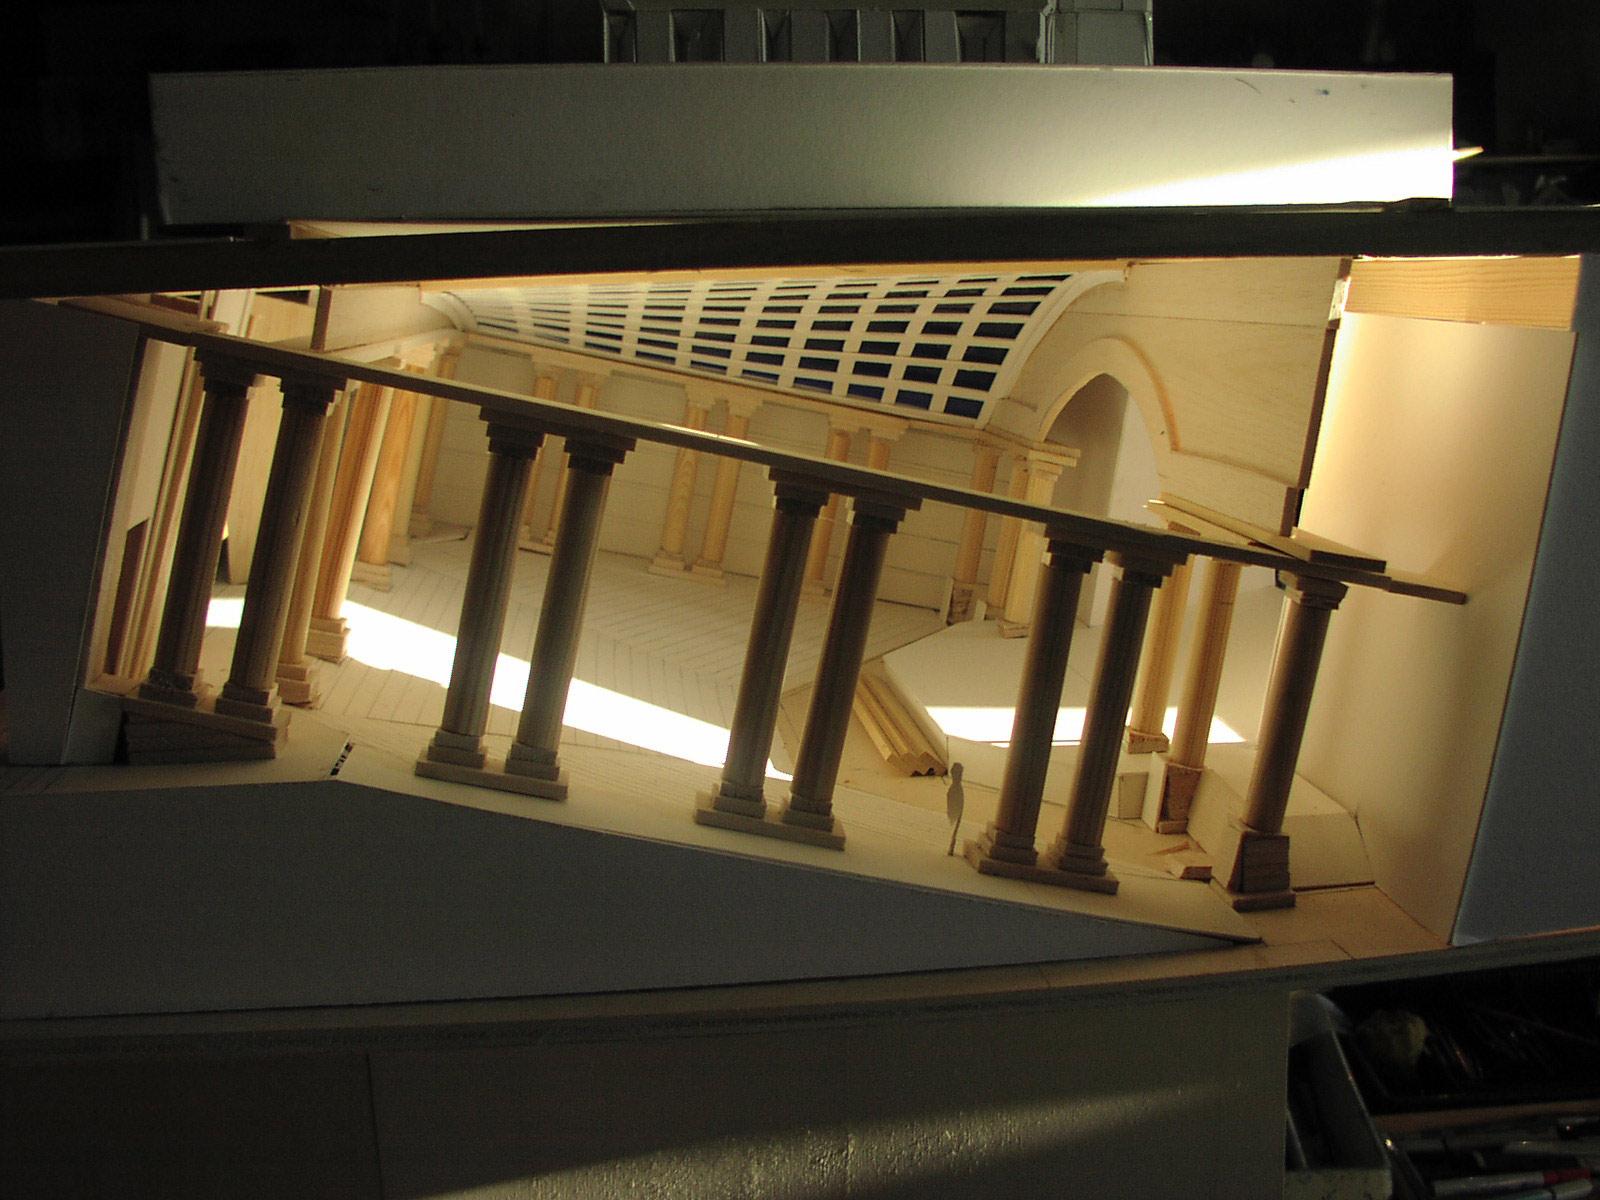 Modell Museum der Phantastik mit schrägem Saal